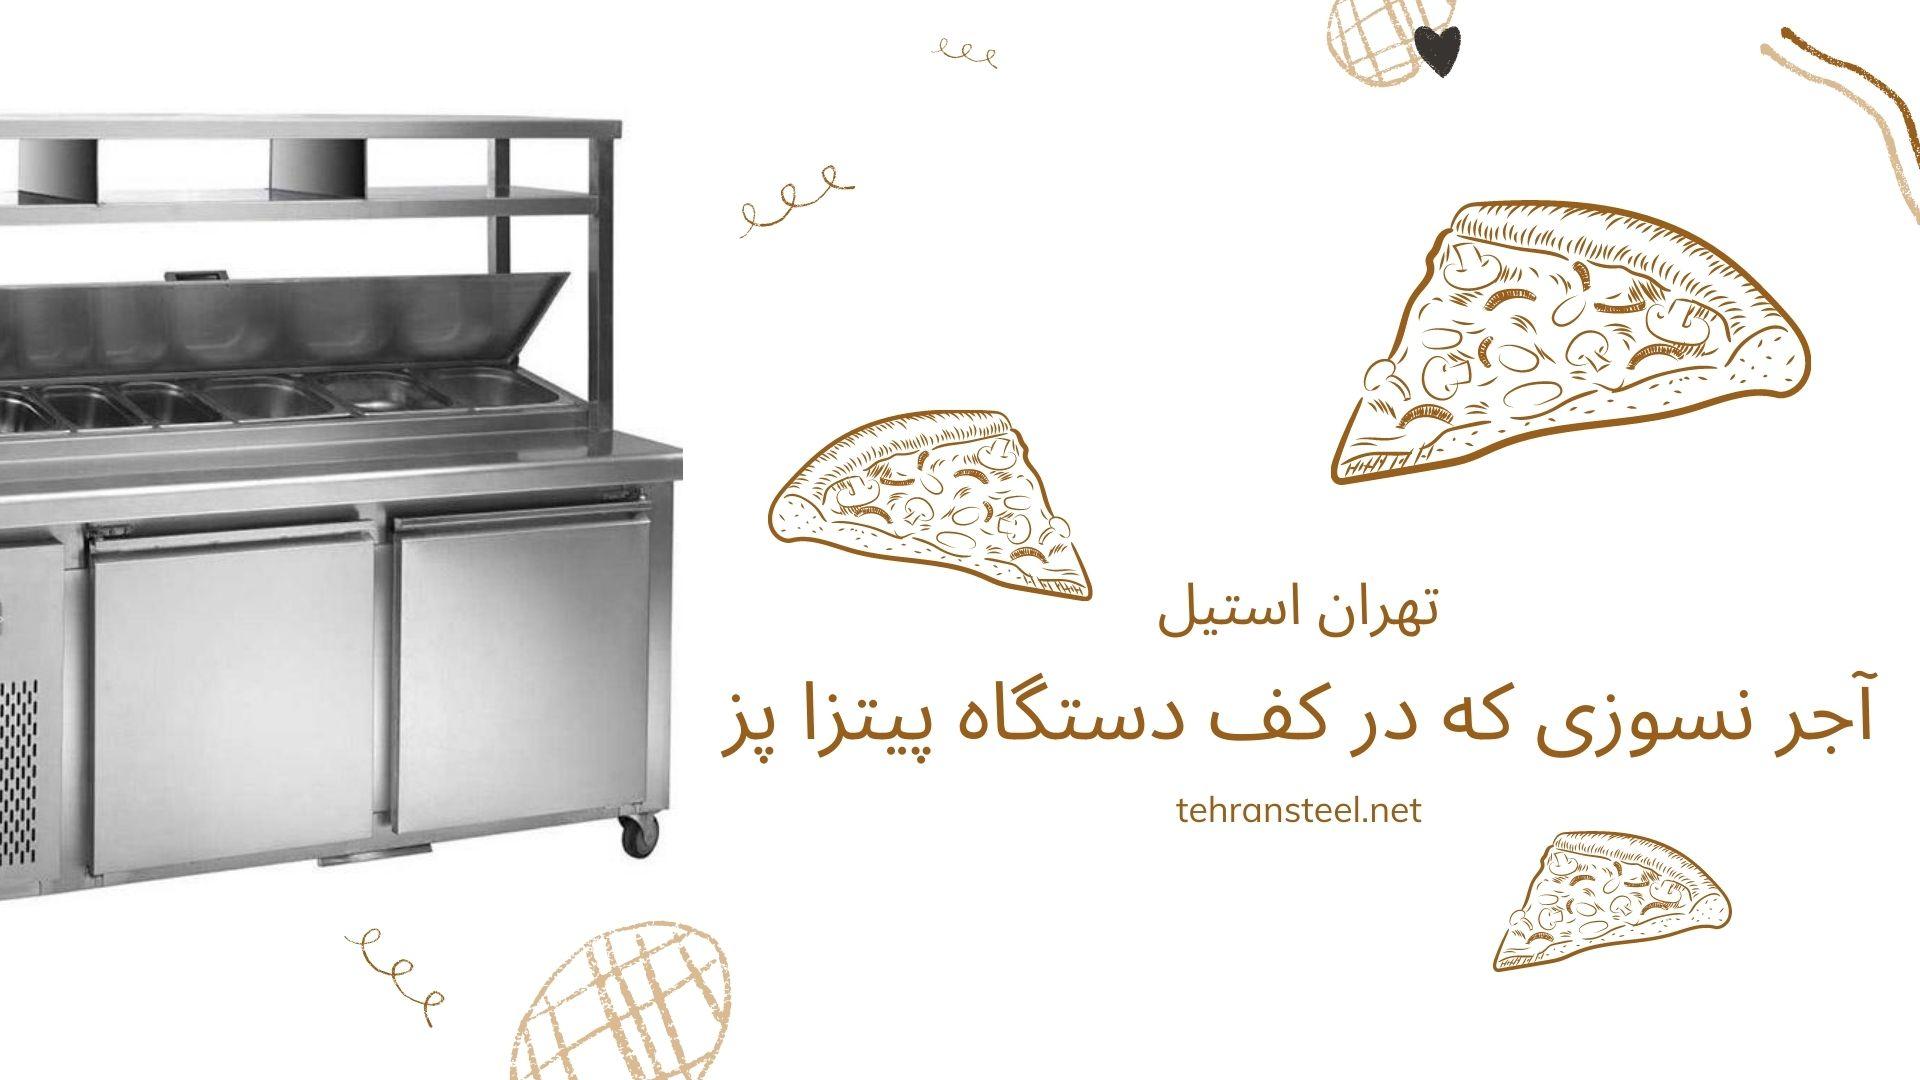 آجر نسوزی در کف دستگاه پیتزا پز